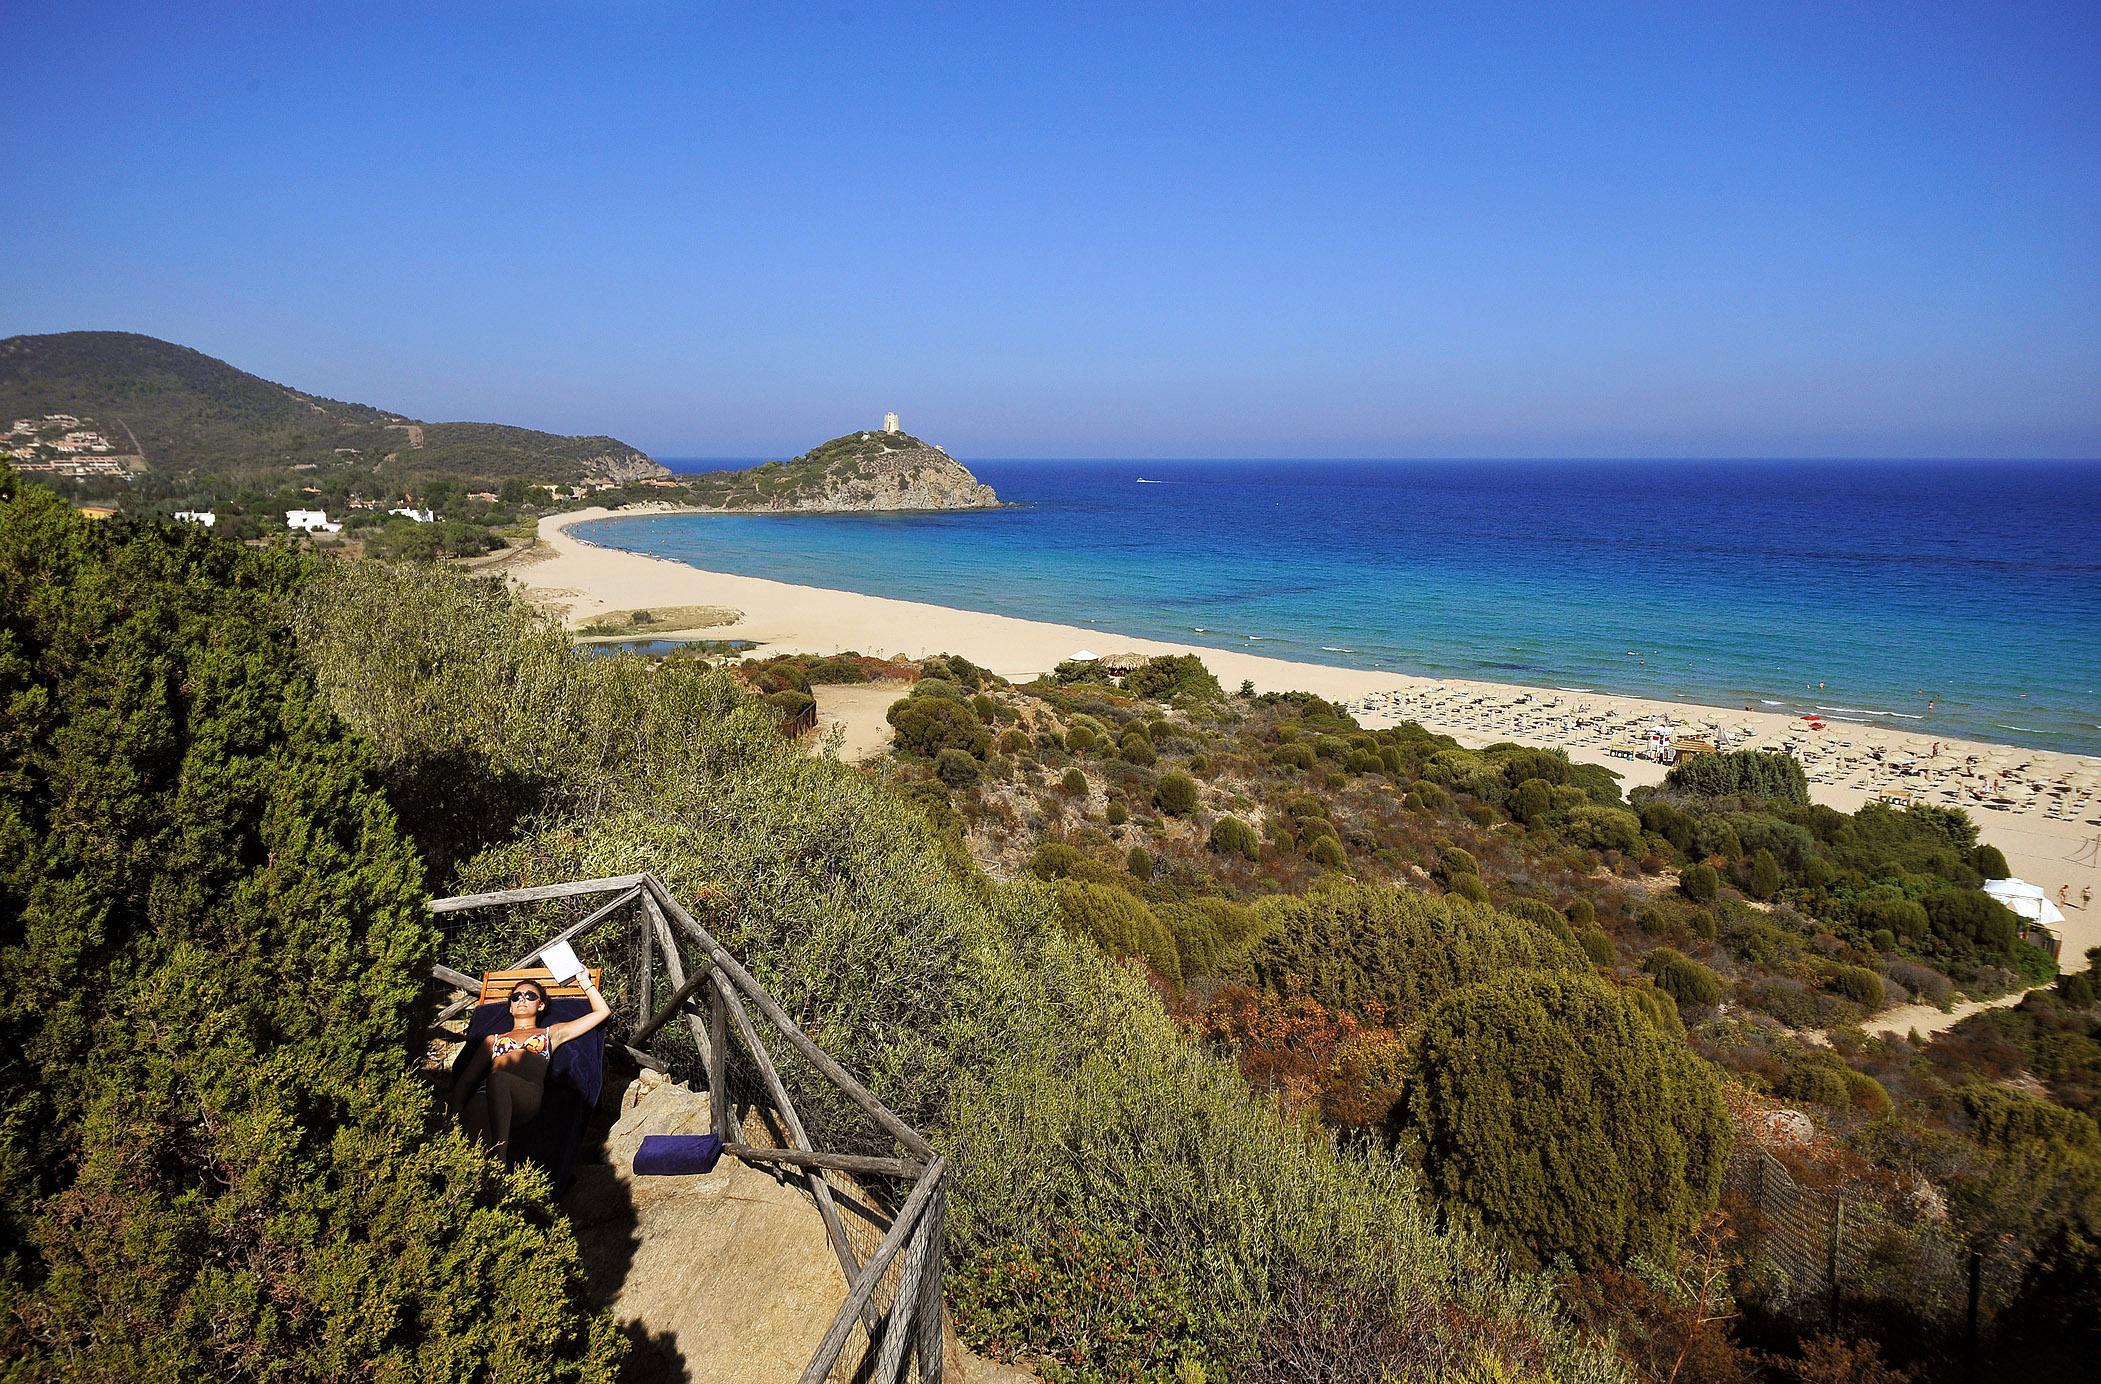 Chia laguna un resort da favola a prezzi low latitudes for Chia sardegna